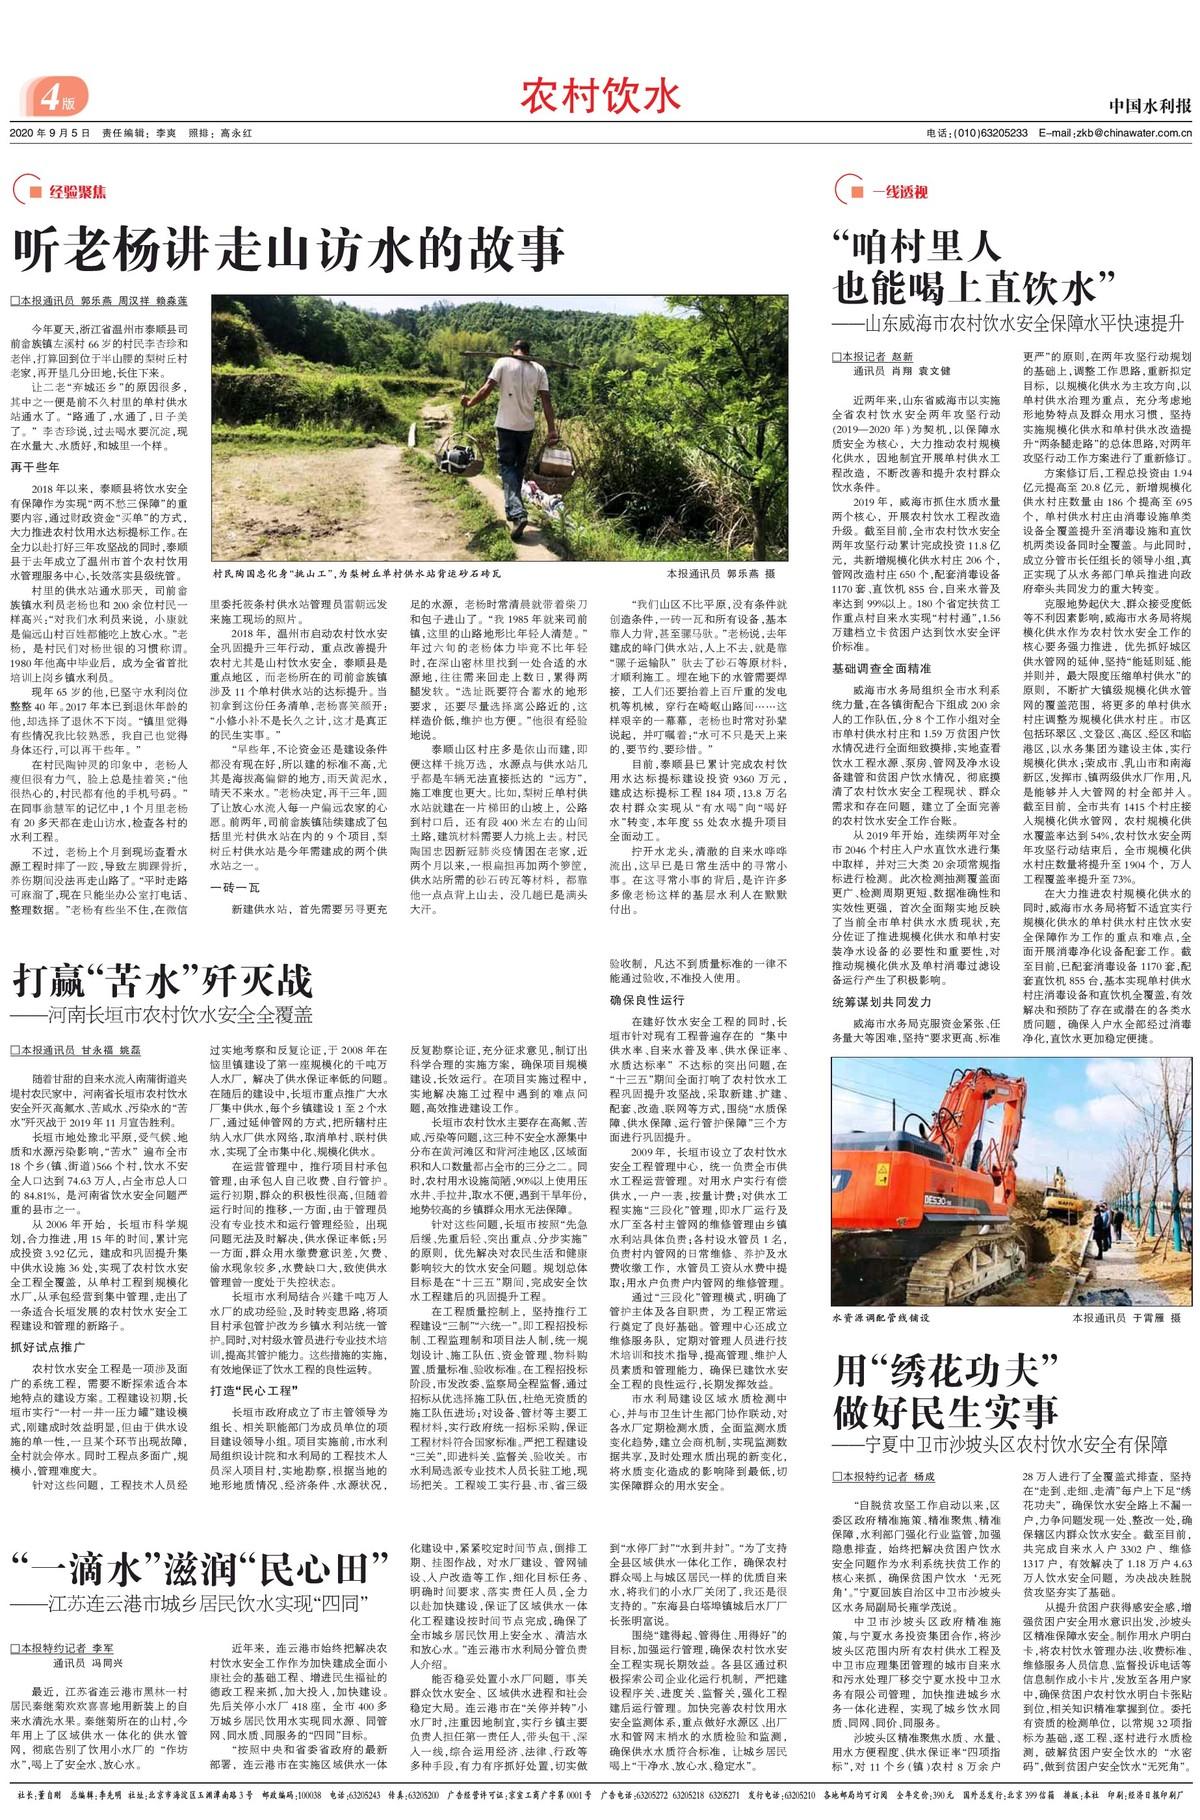 中国水利报:打赢